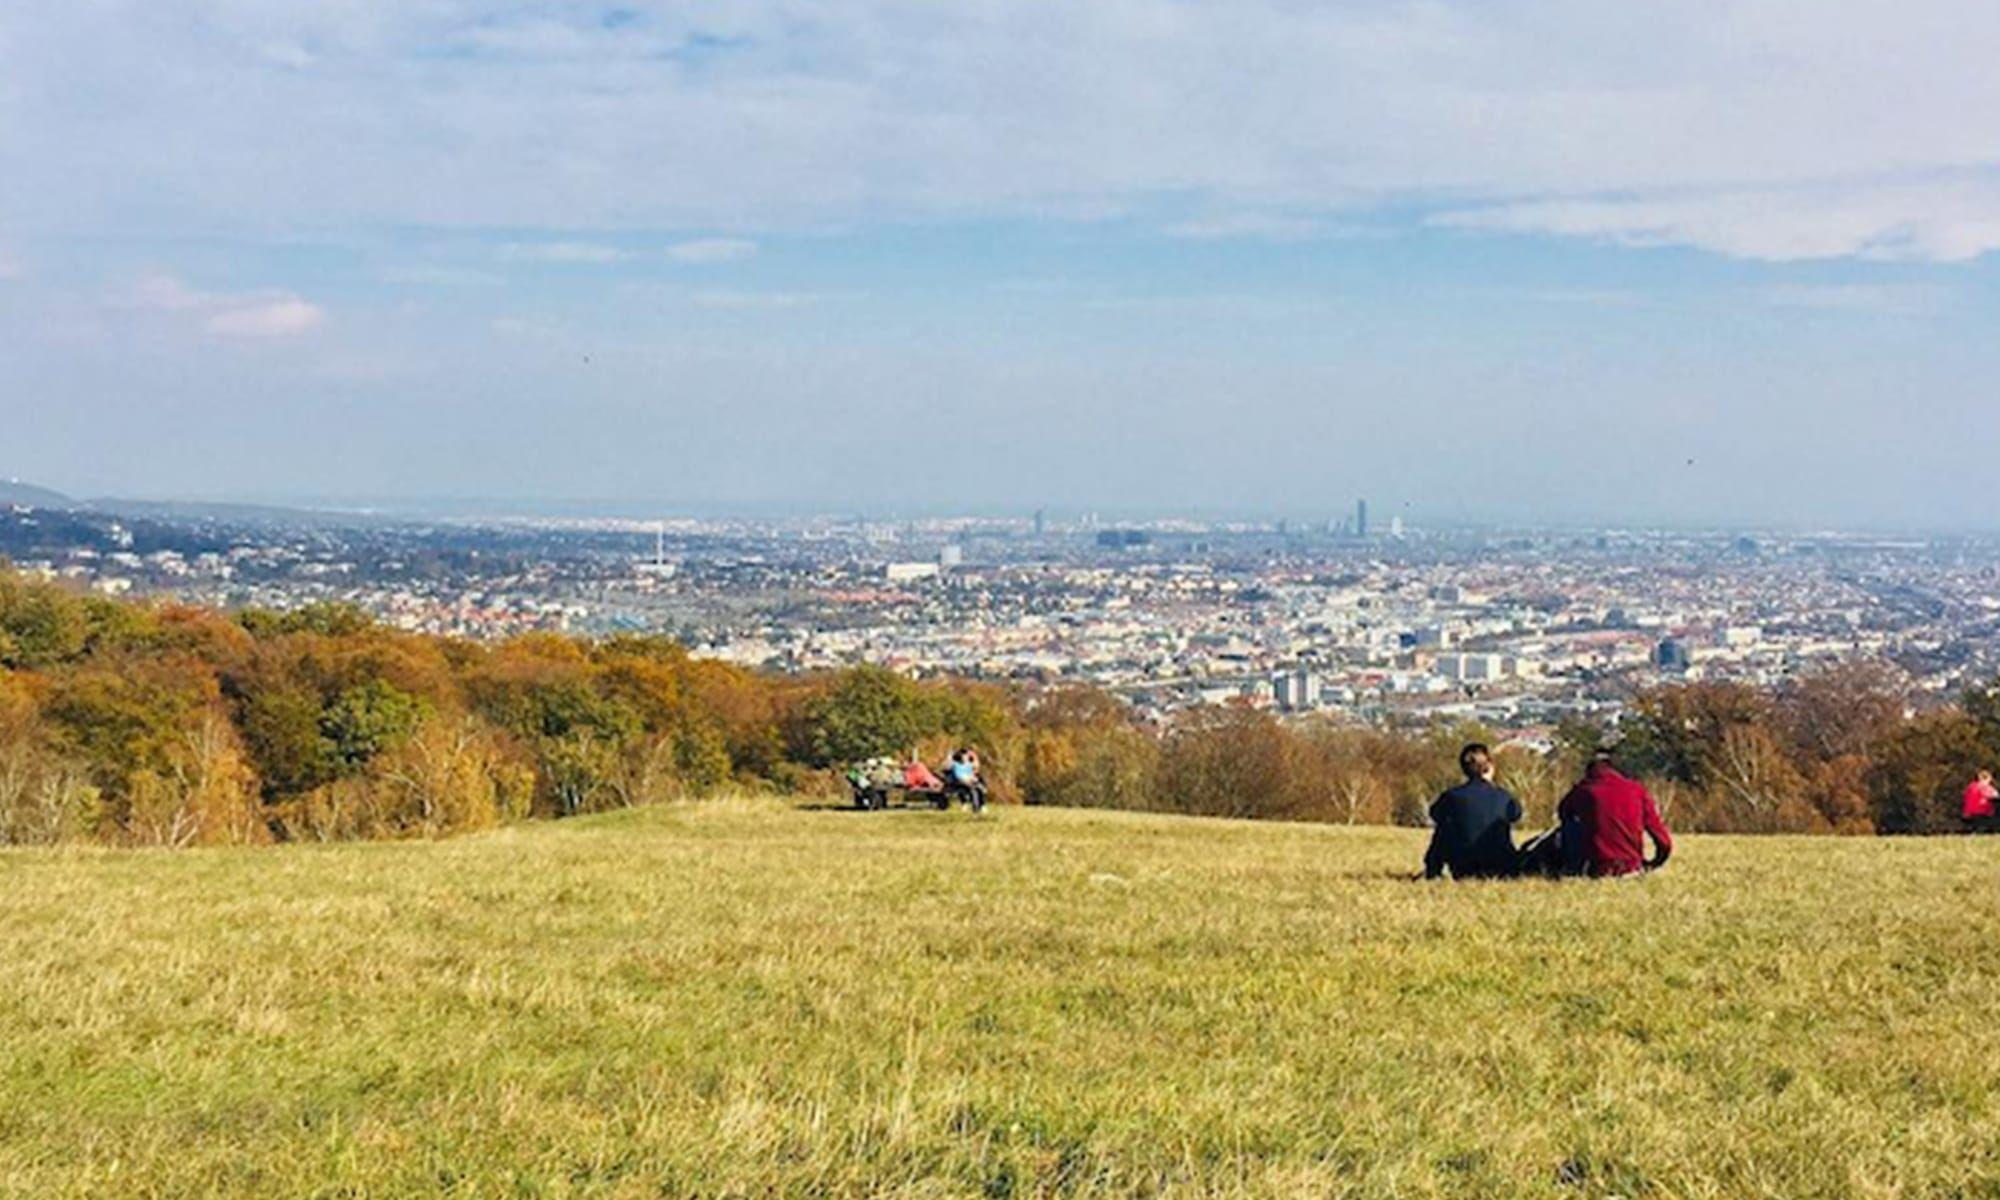 Wo Man Im Herbst In Wien Unbedingt Spazieren Gehen Sollte Teil 2 Wien Spazieren Gehen Spazieren